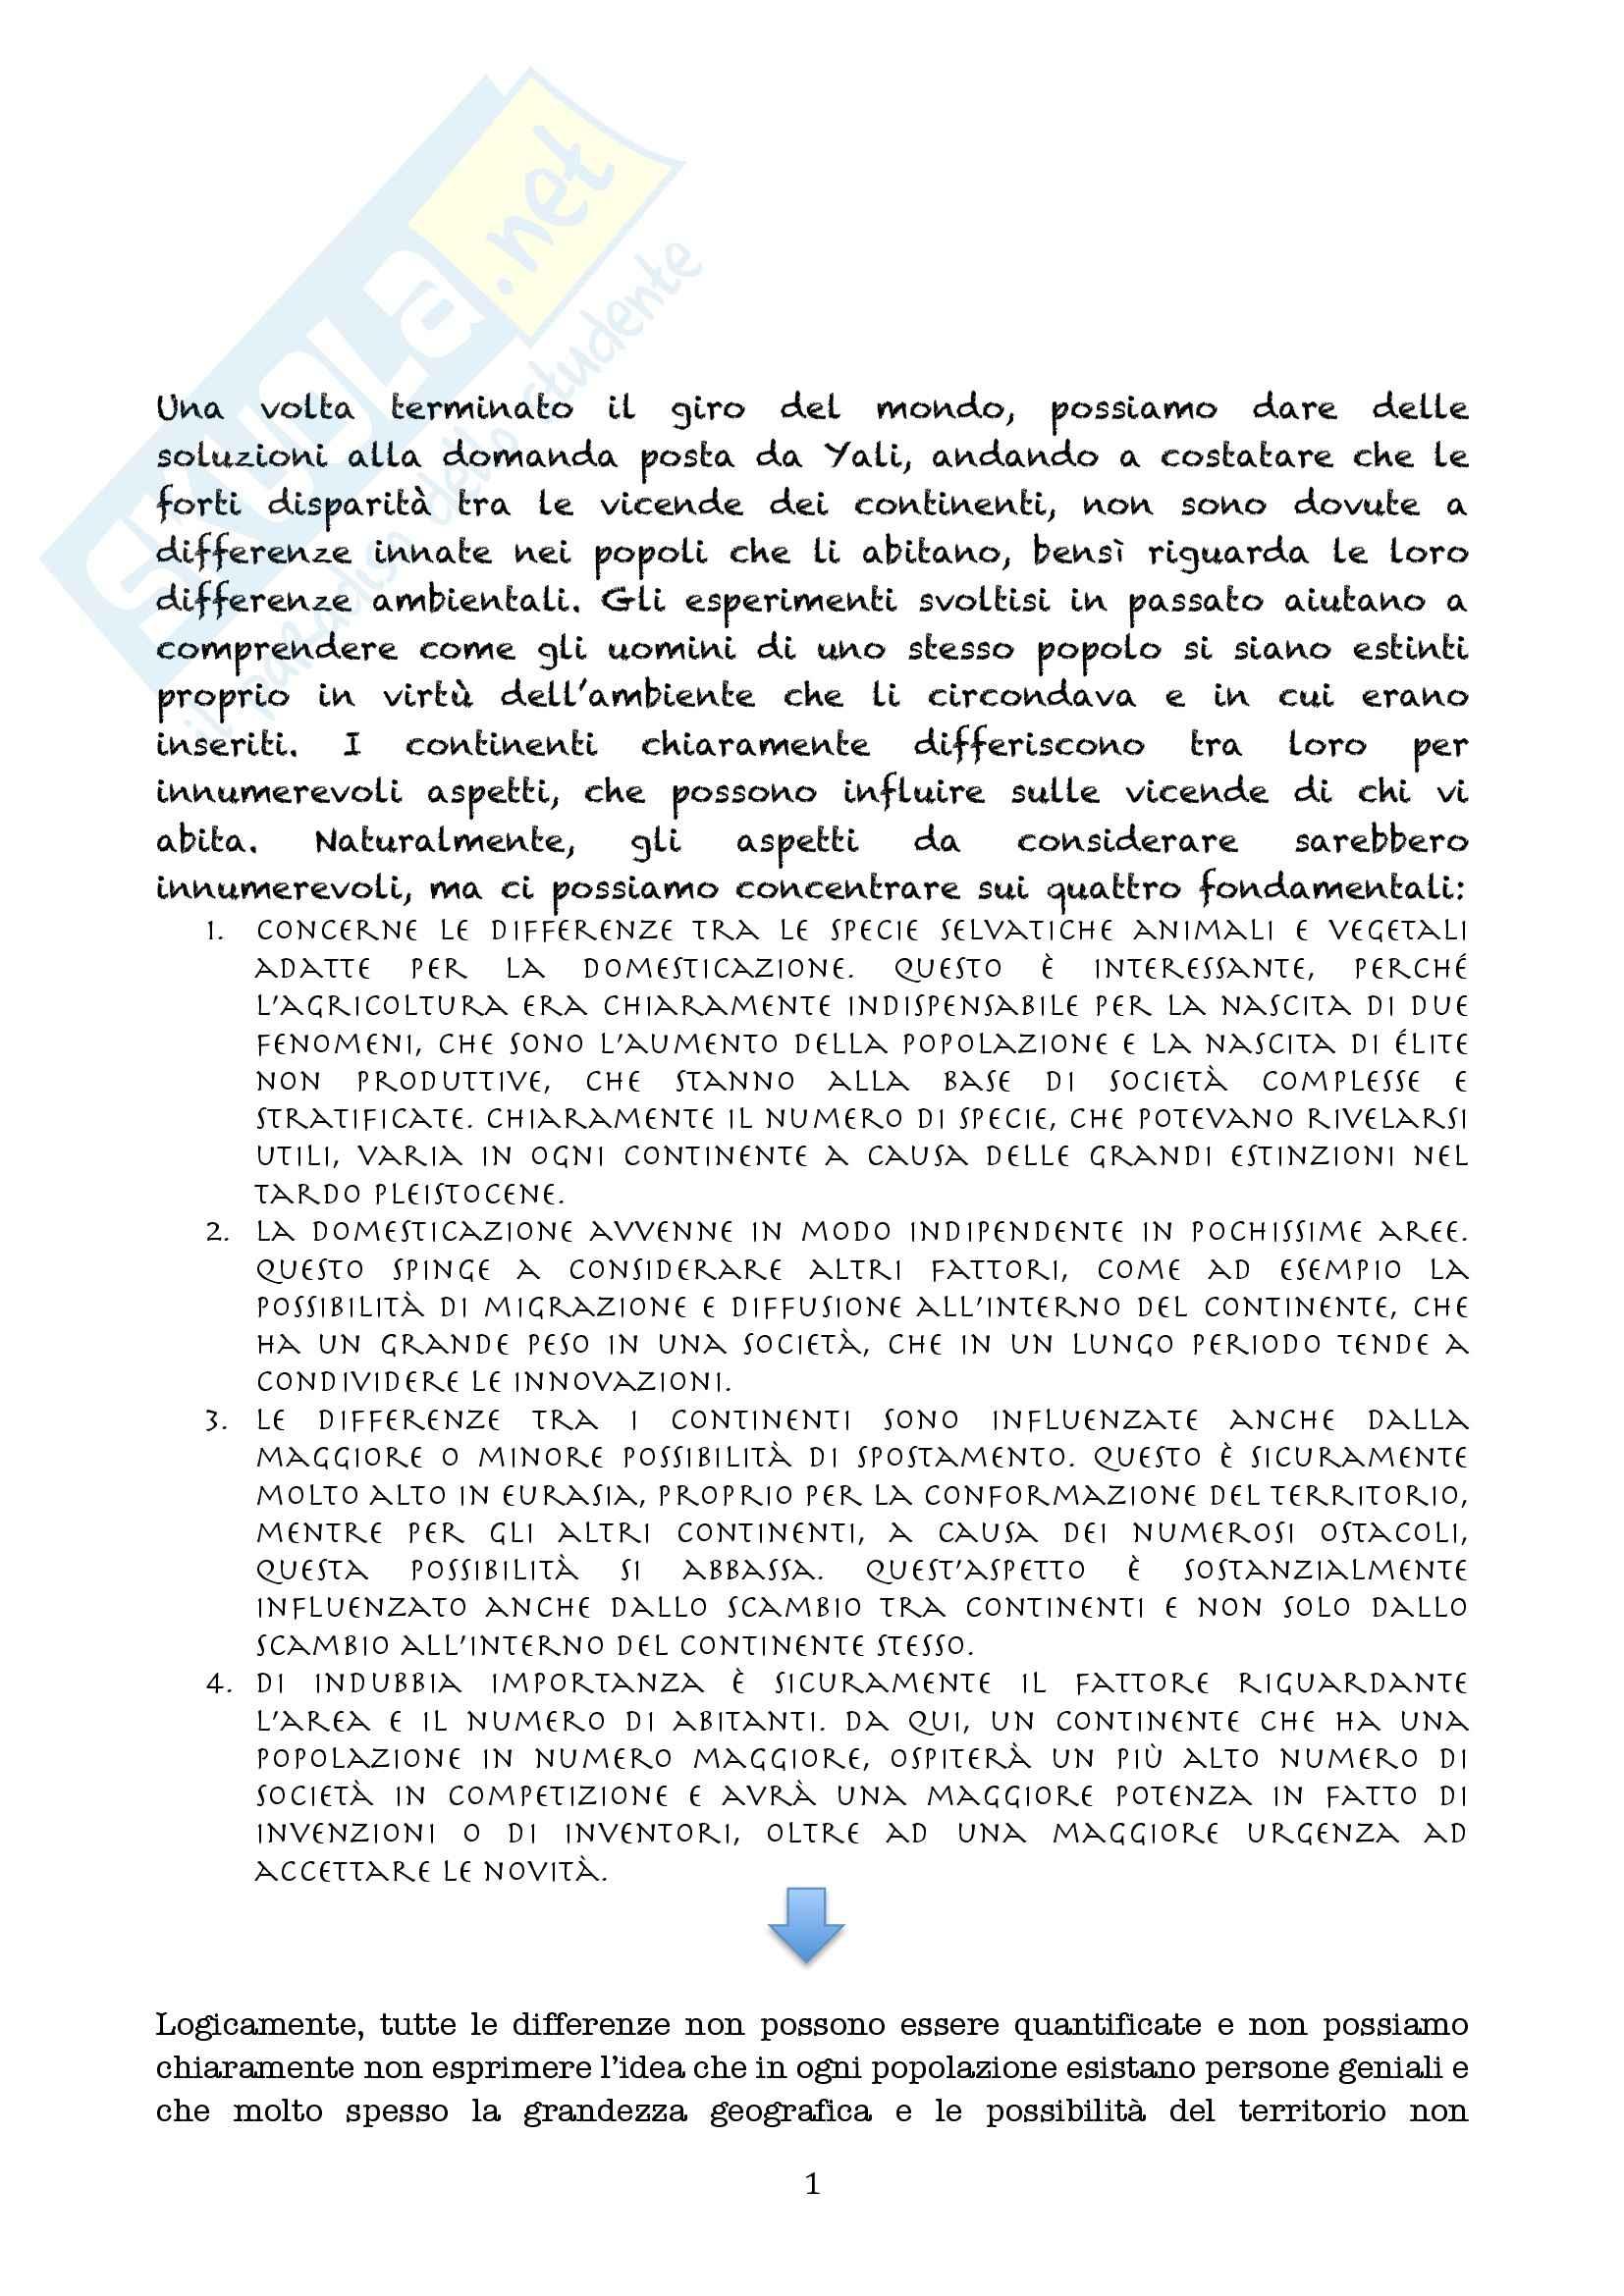 Riassunto esame Linguistica generale, prof. Longobardi, libro consigliato Armi, acciaio e malattie, Diamond (Epilogo)